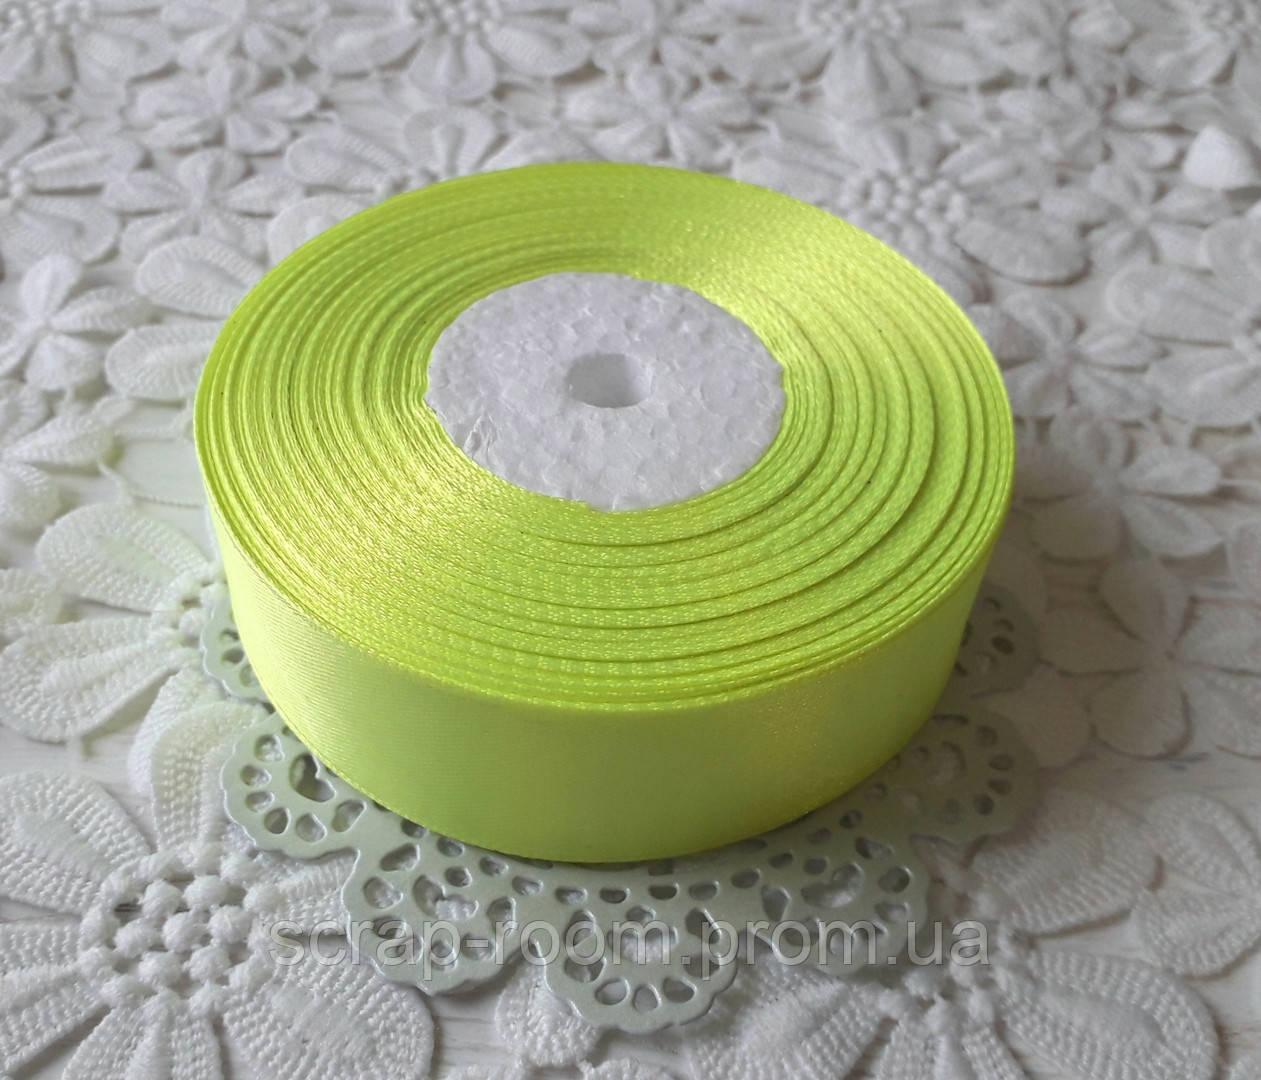 Лента атласная 2,5 см темно-салатовая, лента цвет салатовый атлас, лента атласная салатовый, цена за метр